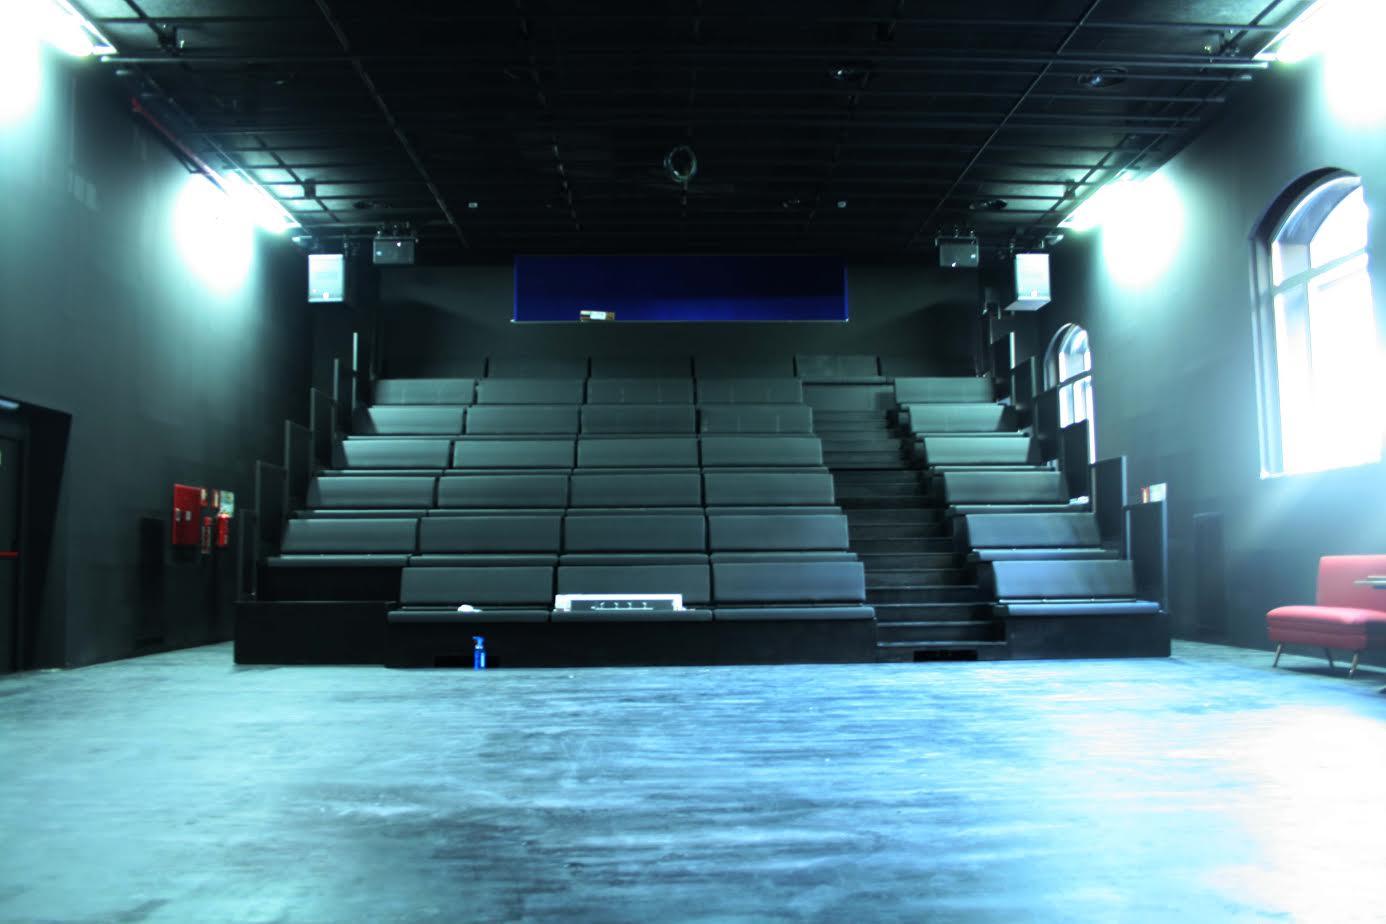 entrevista la sala hiroshima un nuevo espacio creativo